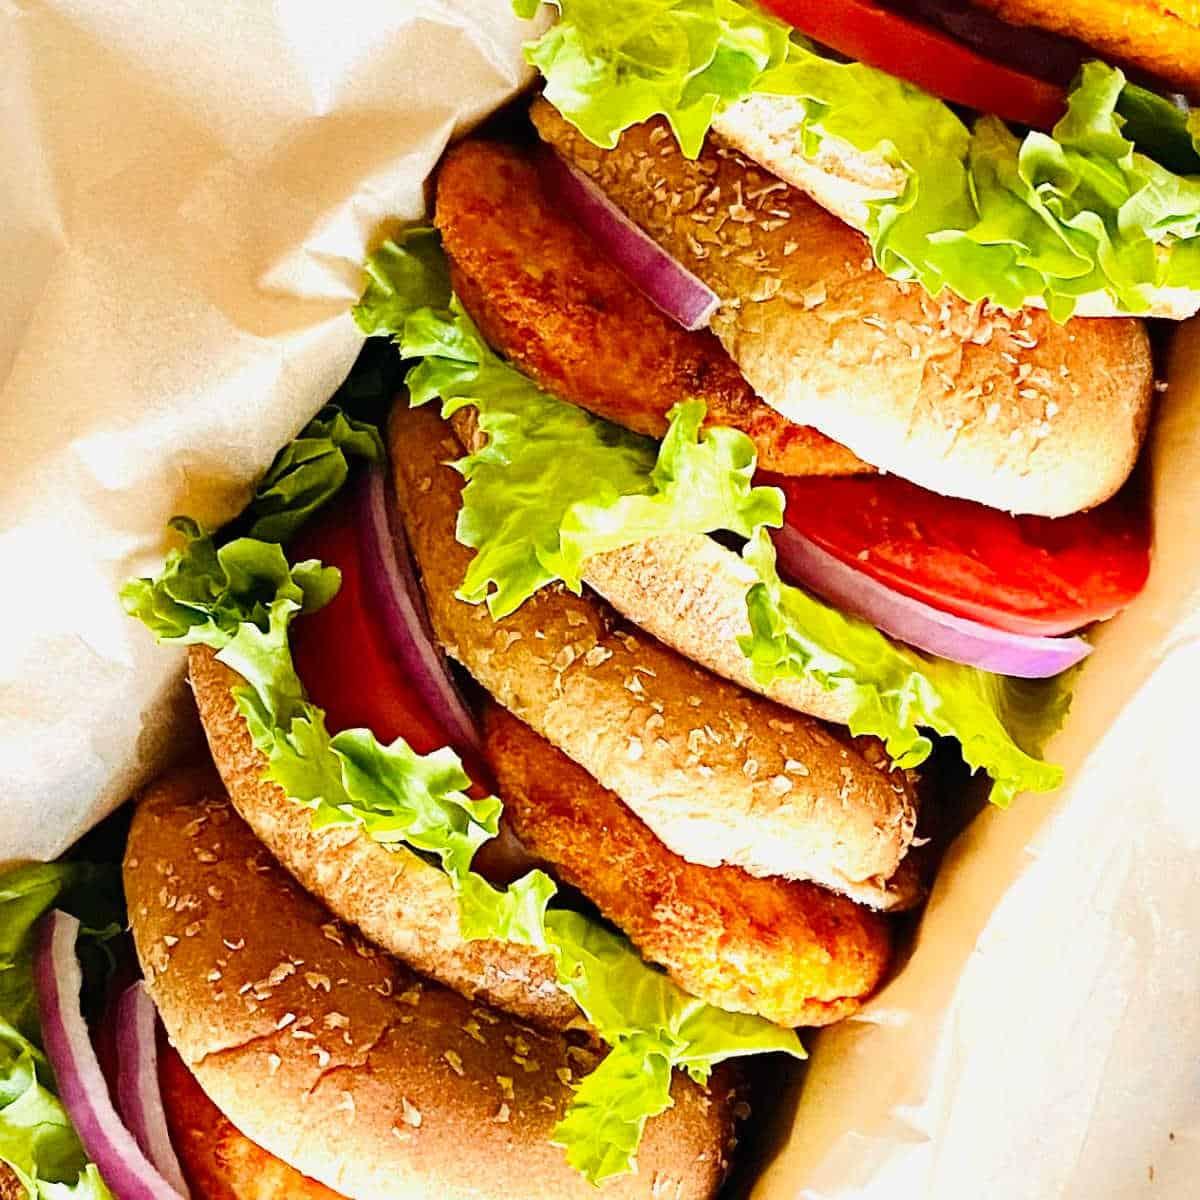 air fryer frozen chicken patties sandwiches in a box